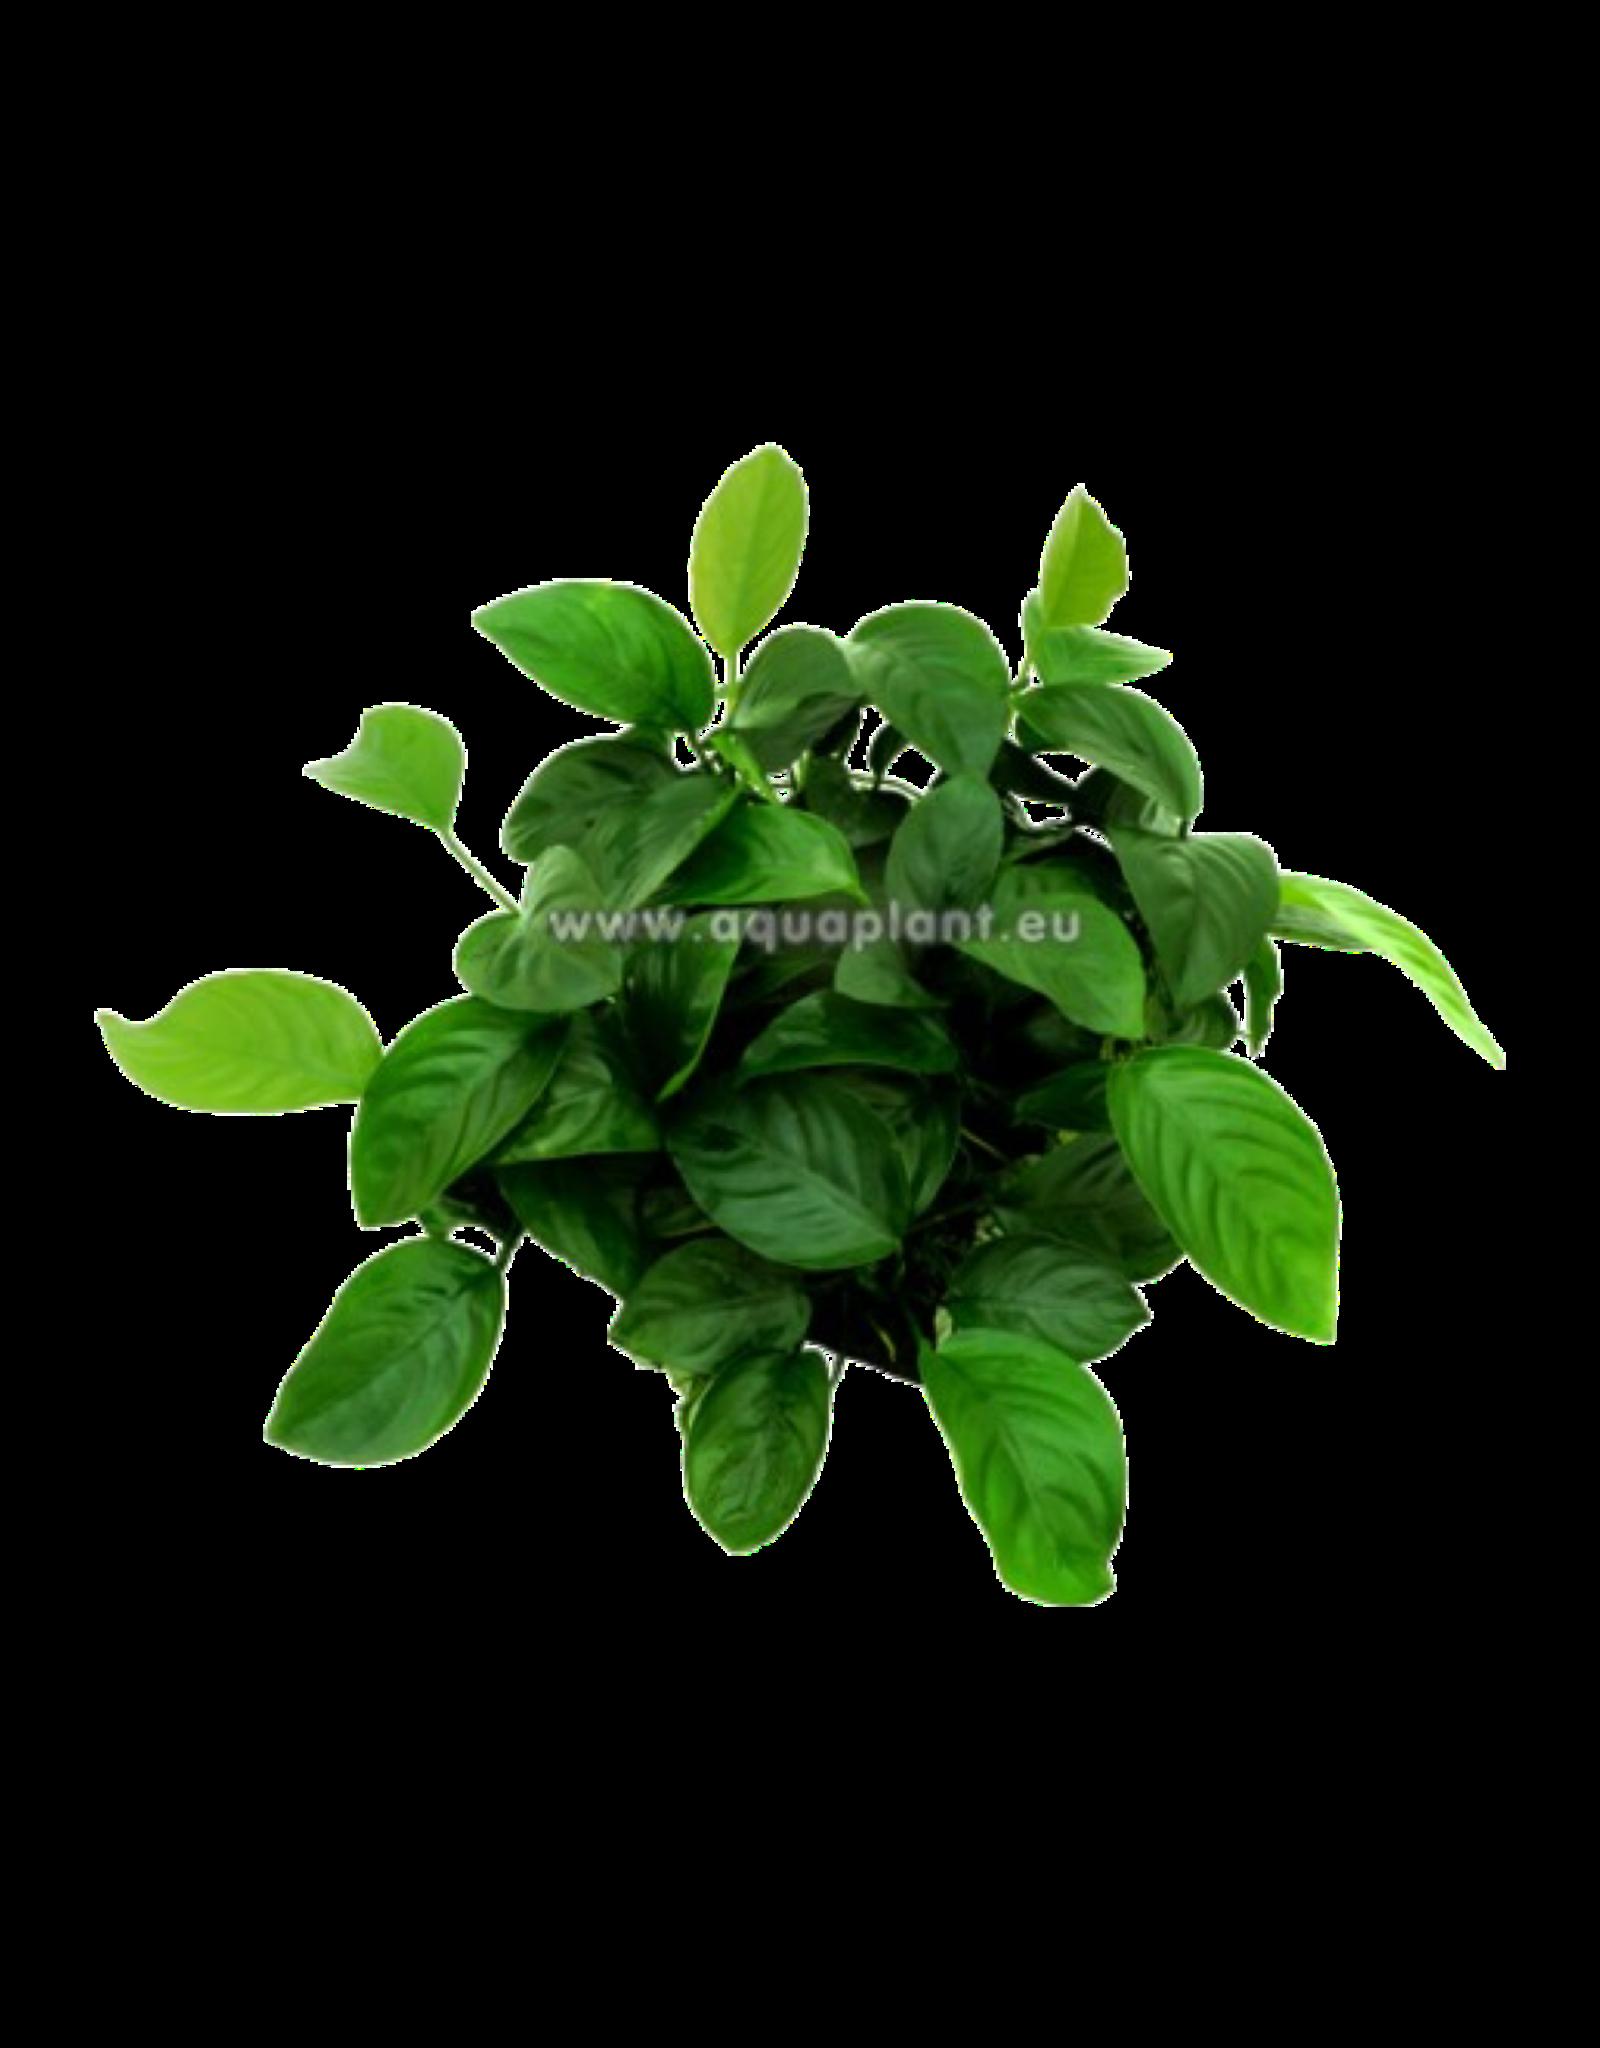 Epaqmat Barteri - Green wall 16.5x13cm